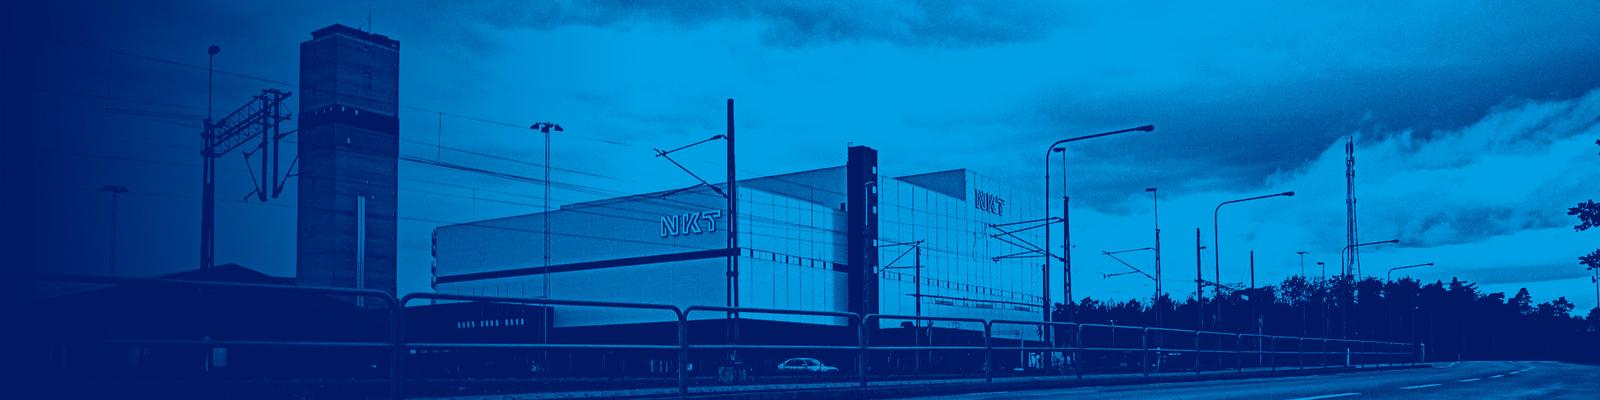 High voltage manufacturing site in Karlskrona, Sweden